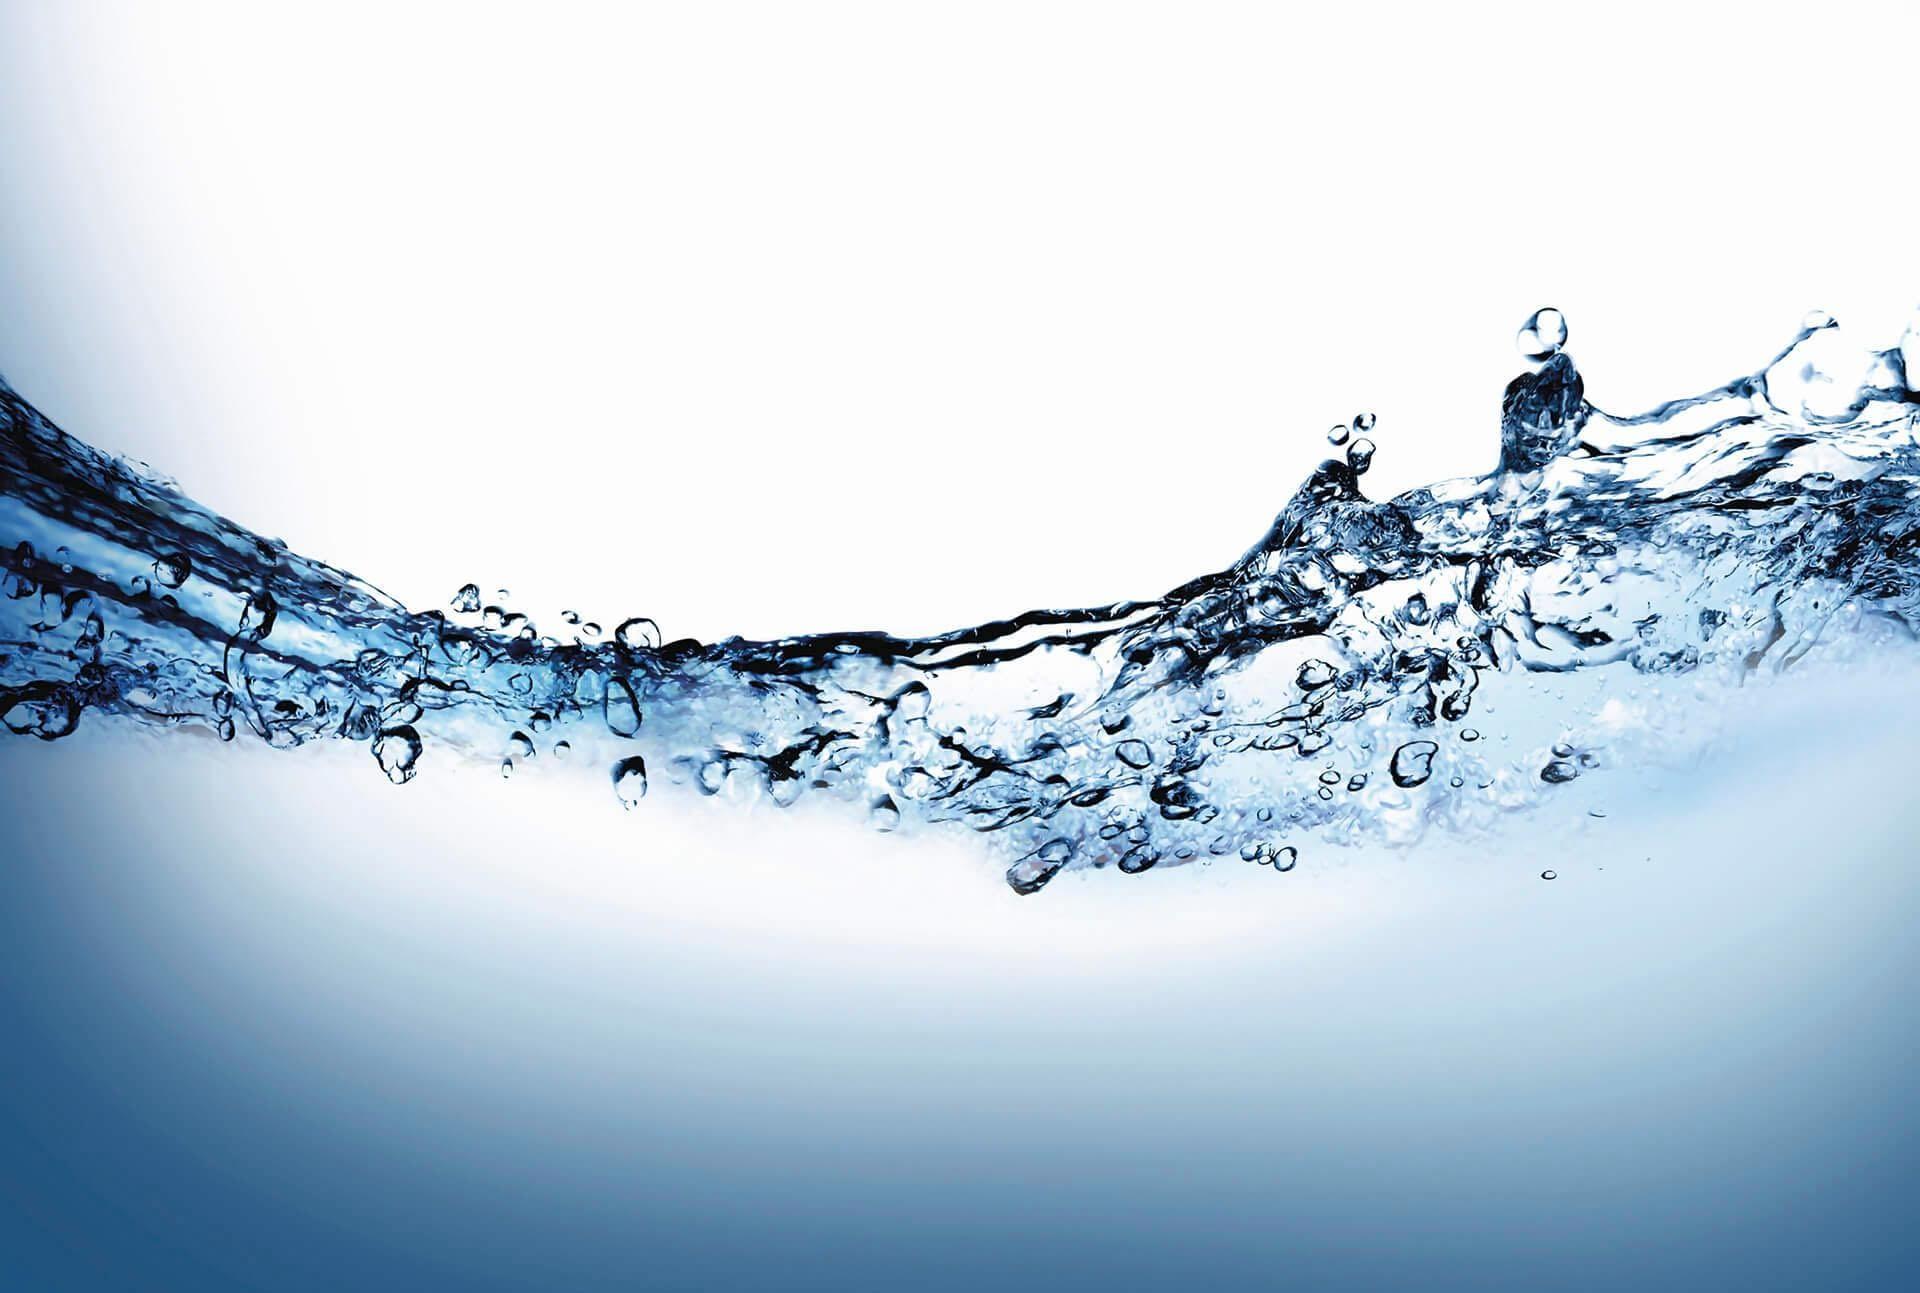 Fototapete Water Flow 384/260 cm Wohnen/Wohntextilien/Tapeten/Fototapeten/Fototapeten Stadt